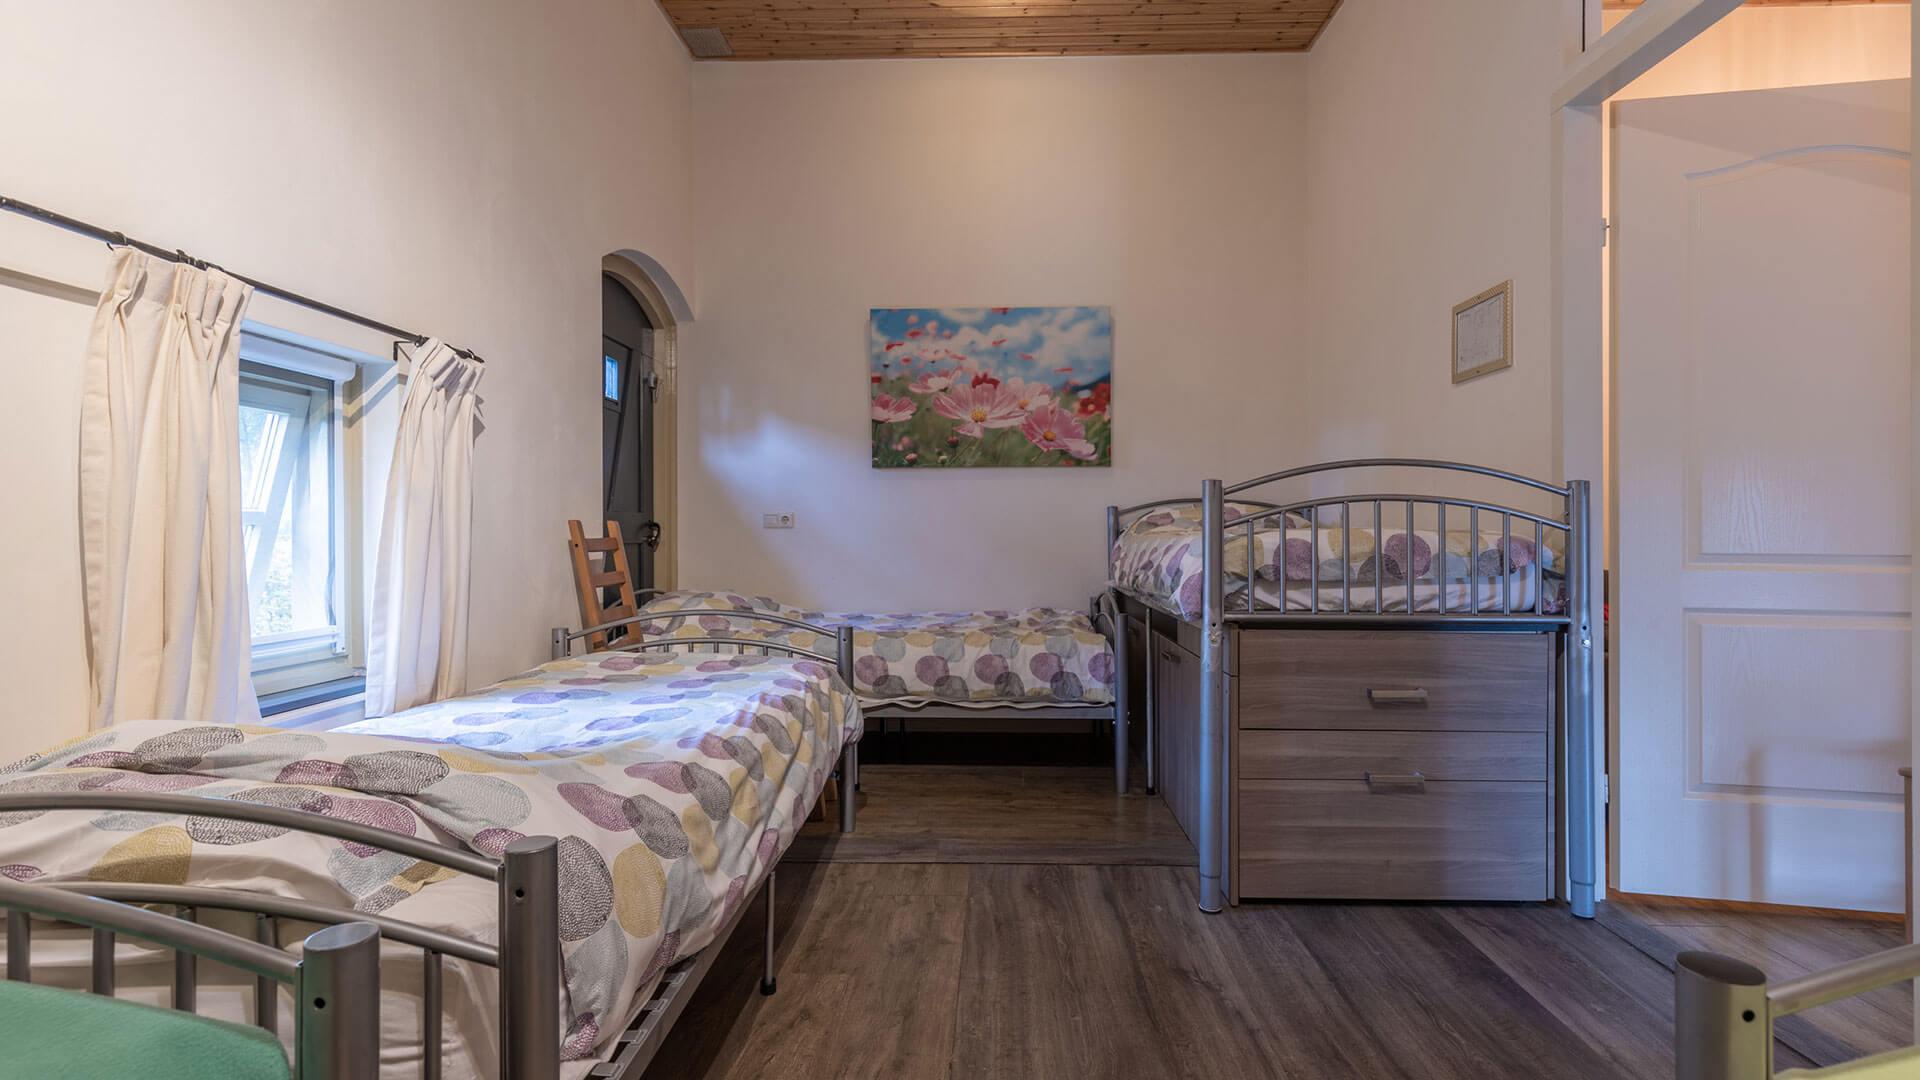 slaapkamer met 4 bedden